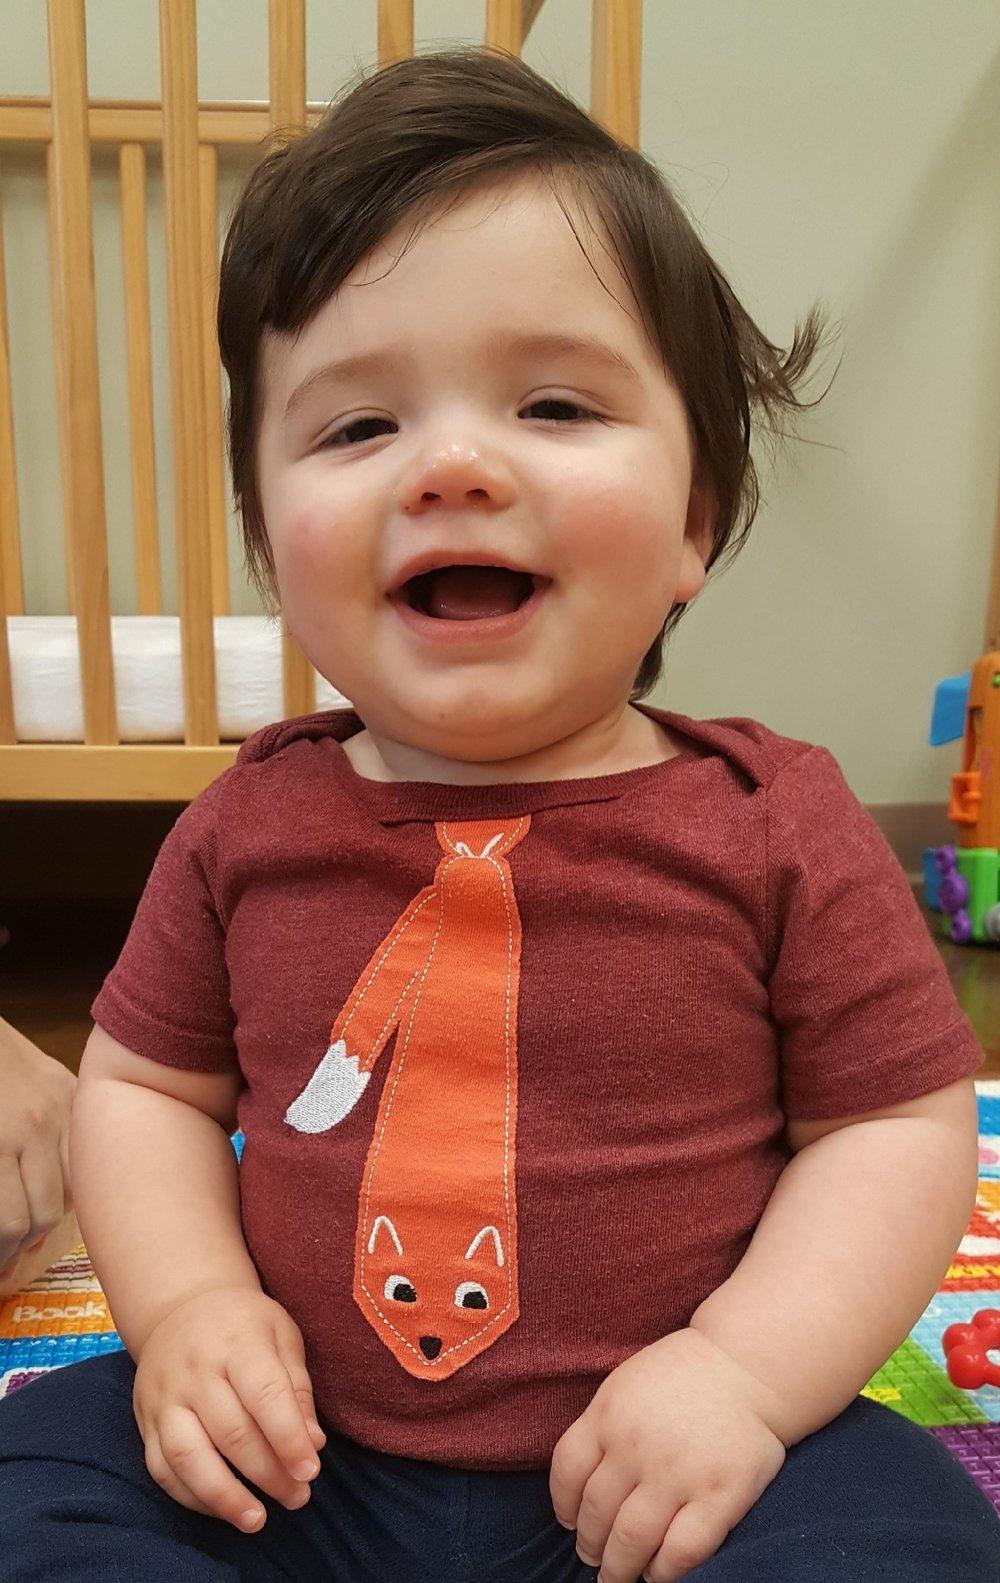 infantpic.jpg